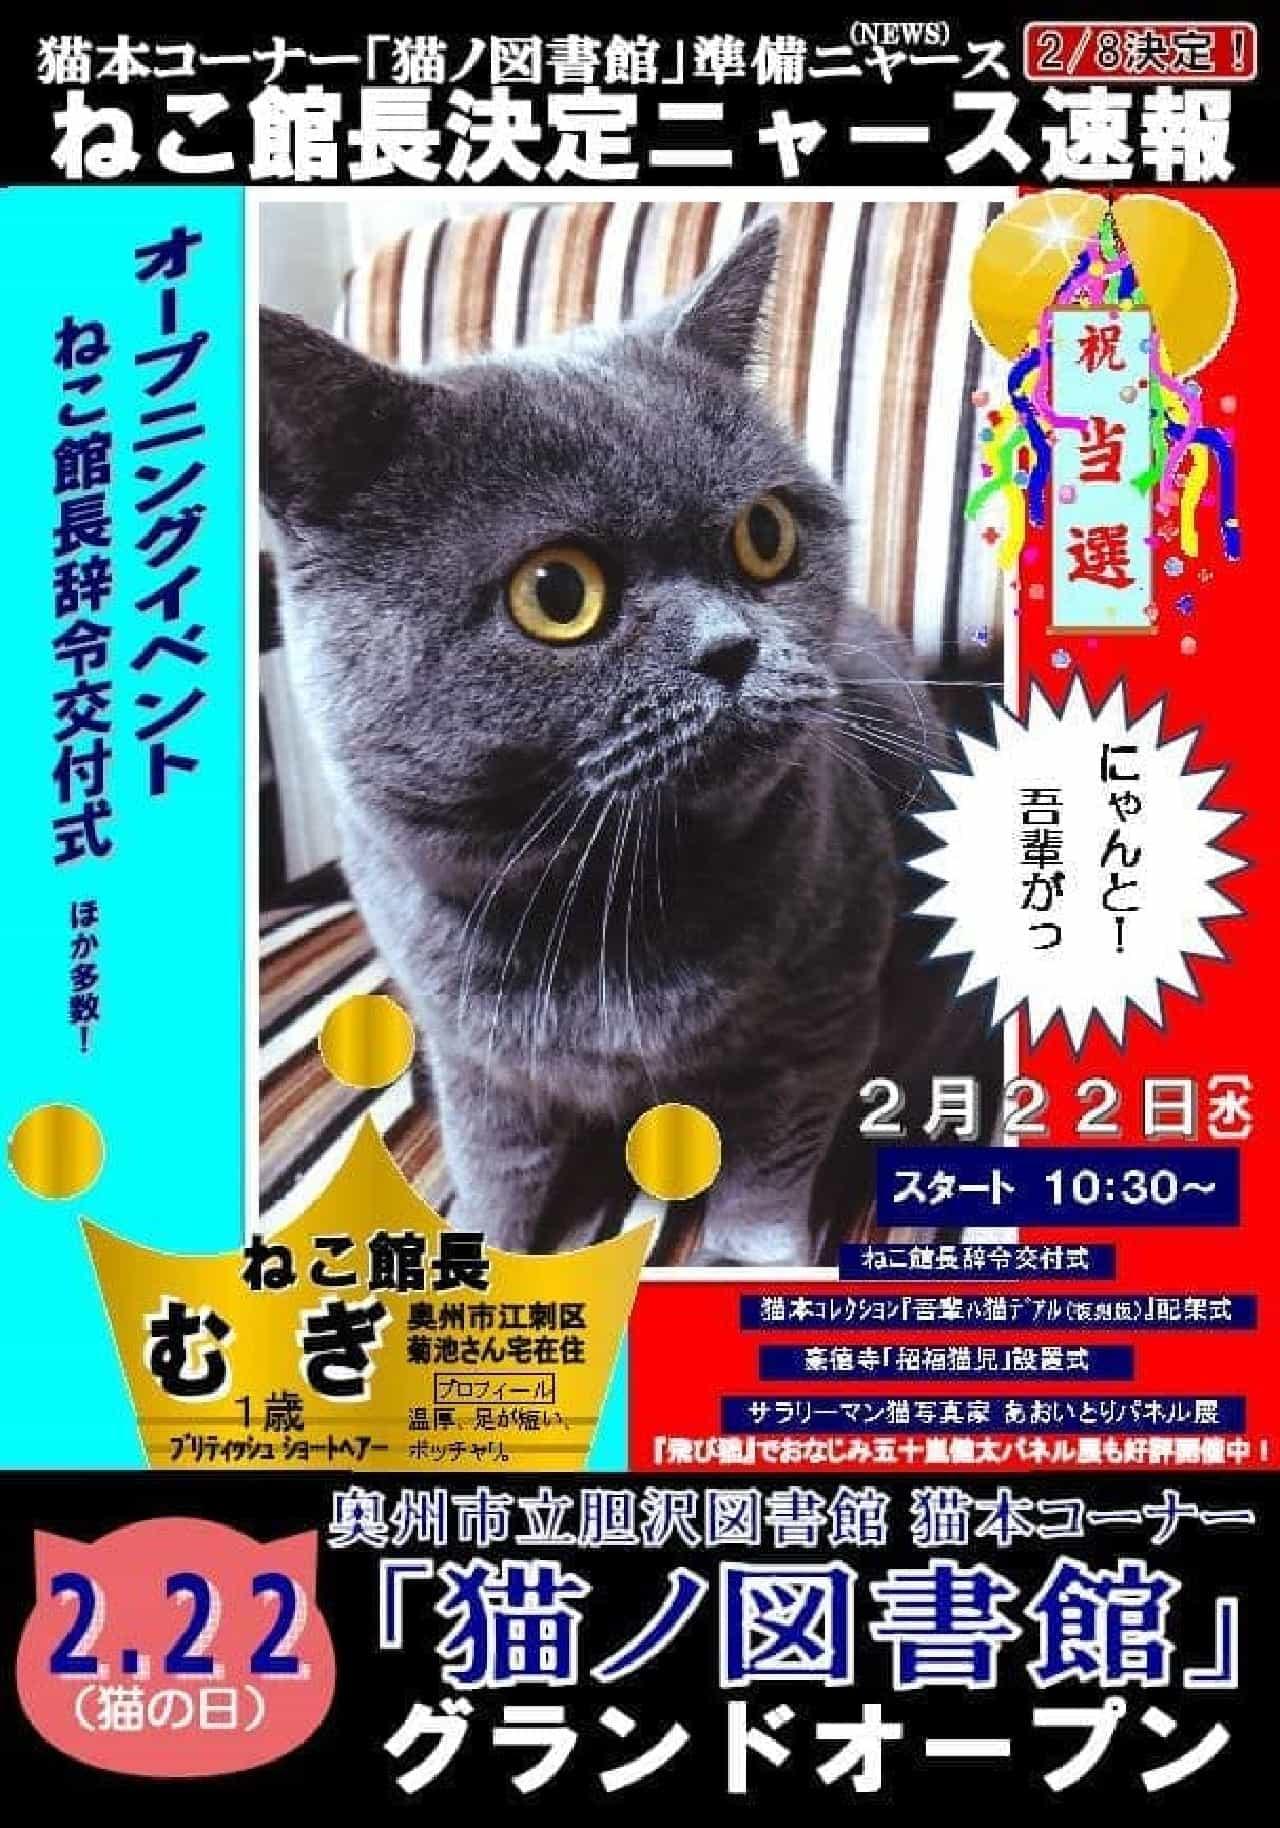 「猫ノ図書館」、2月22日オープン